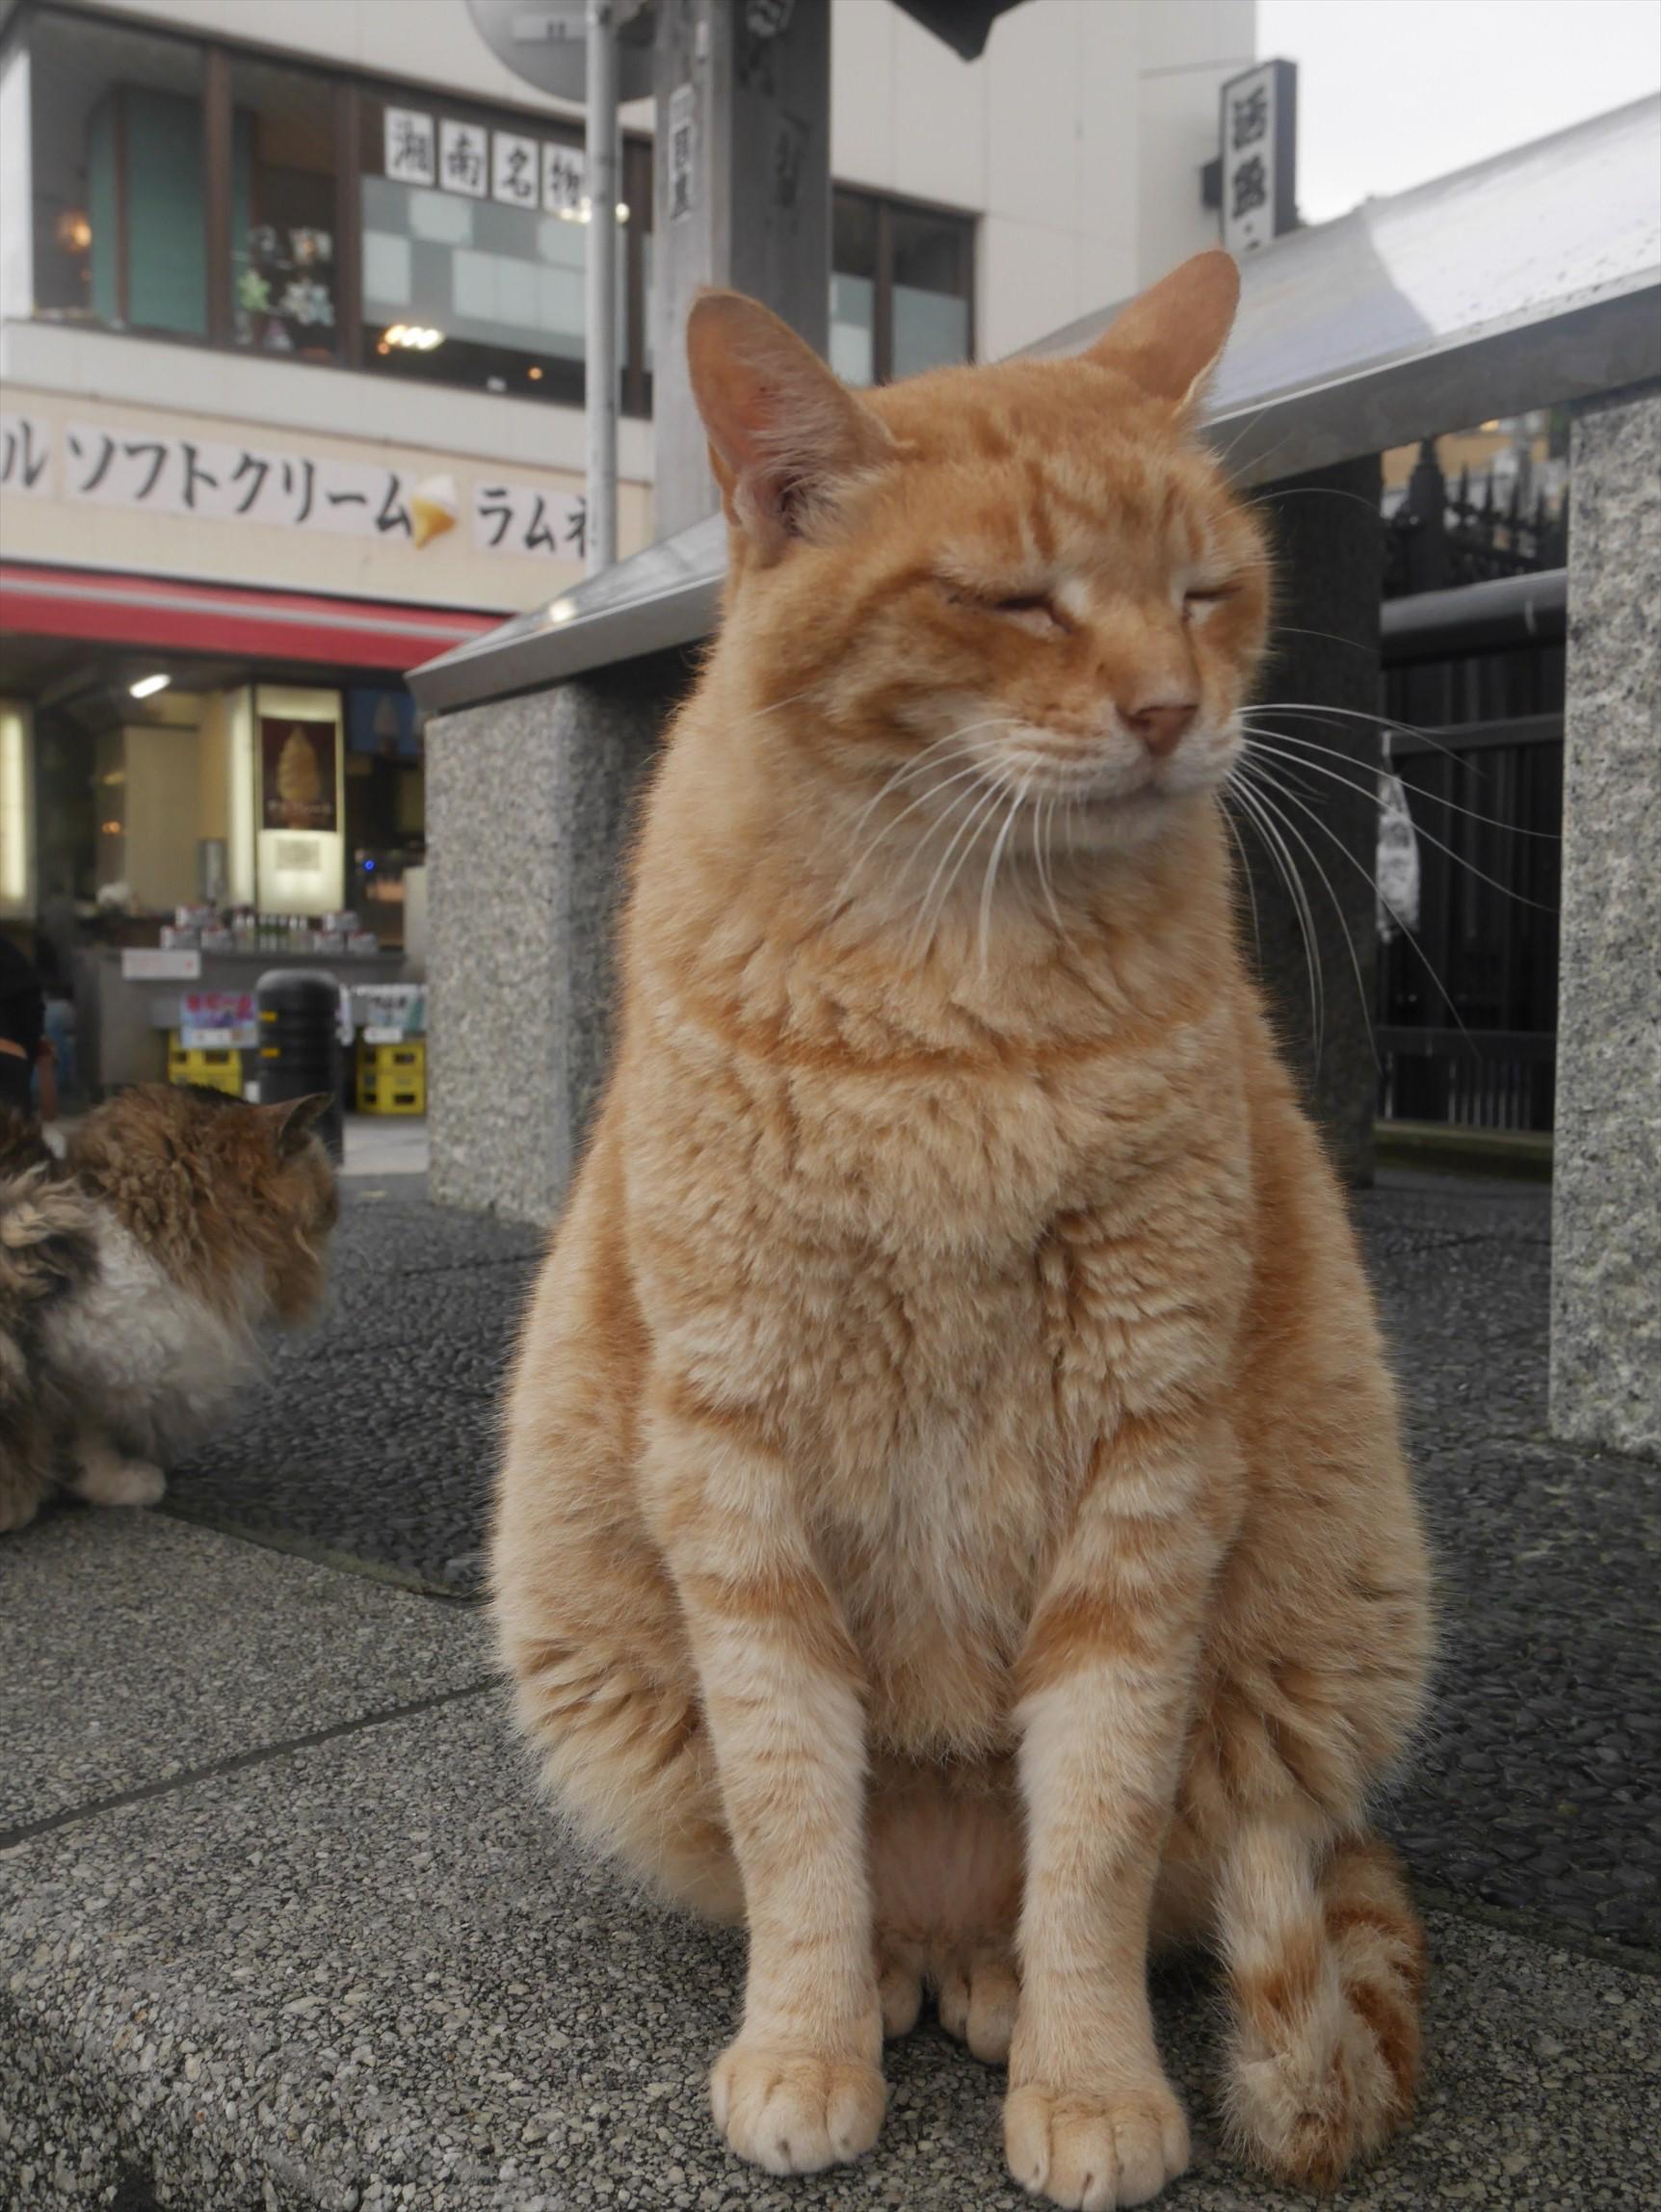 雨の江ノ島をお写んぽしてきた さすが猫島 雨天でも猫は健在